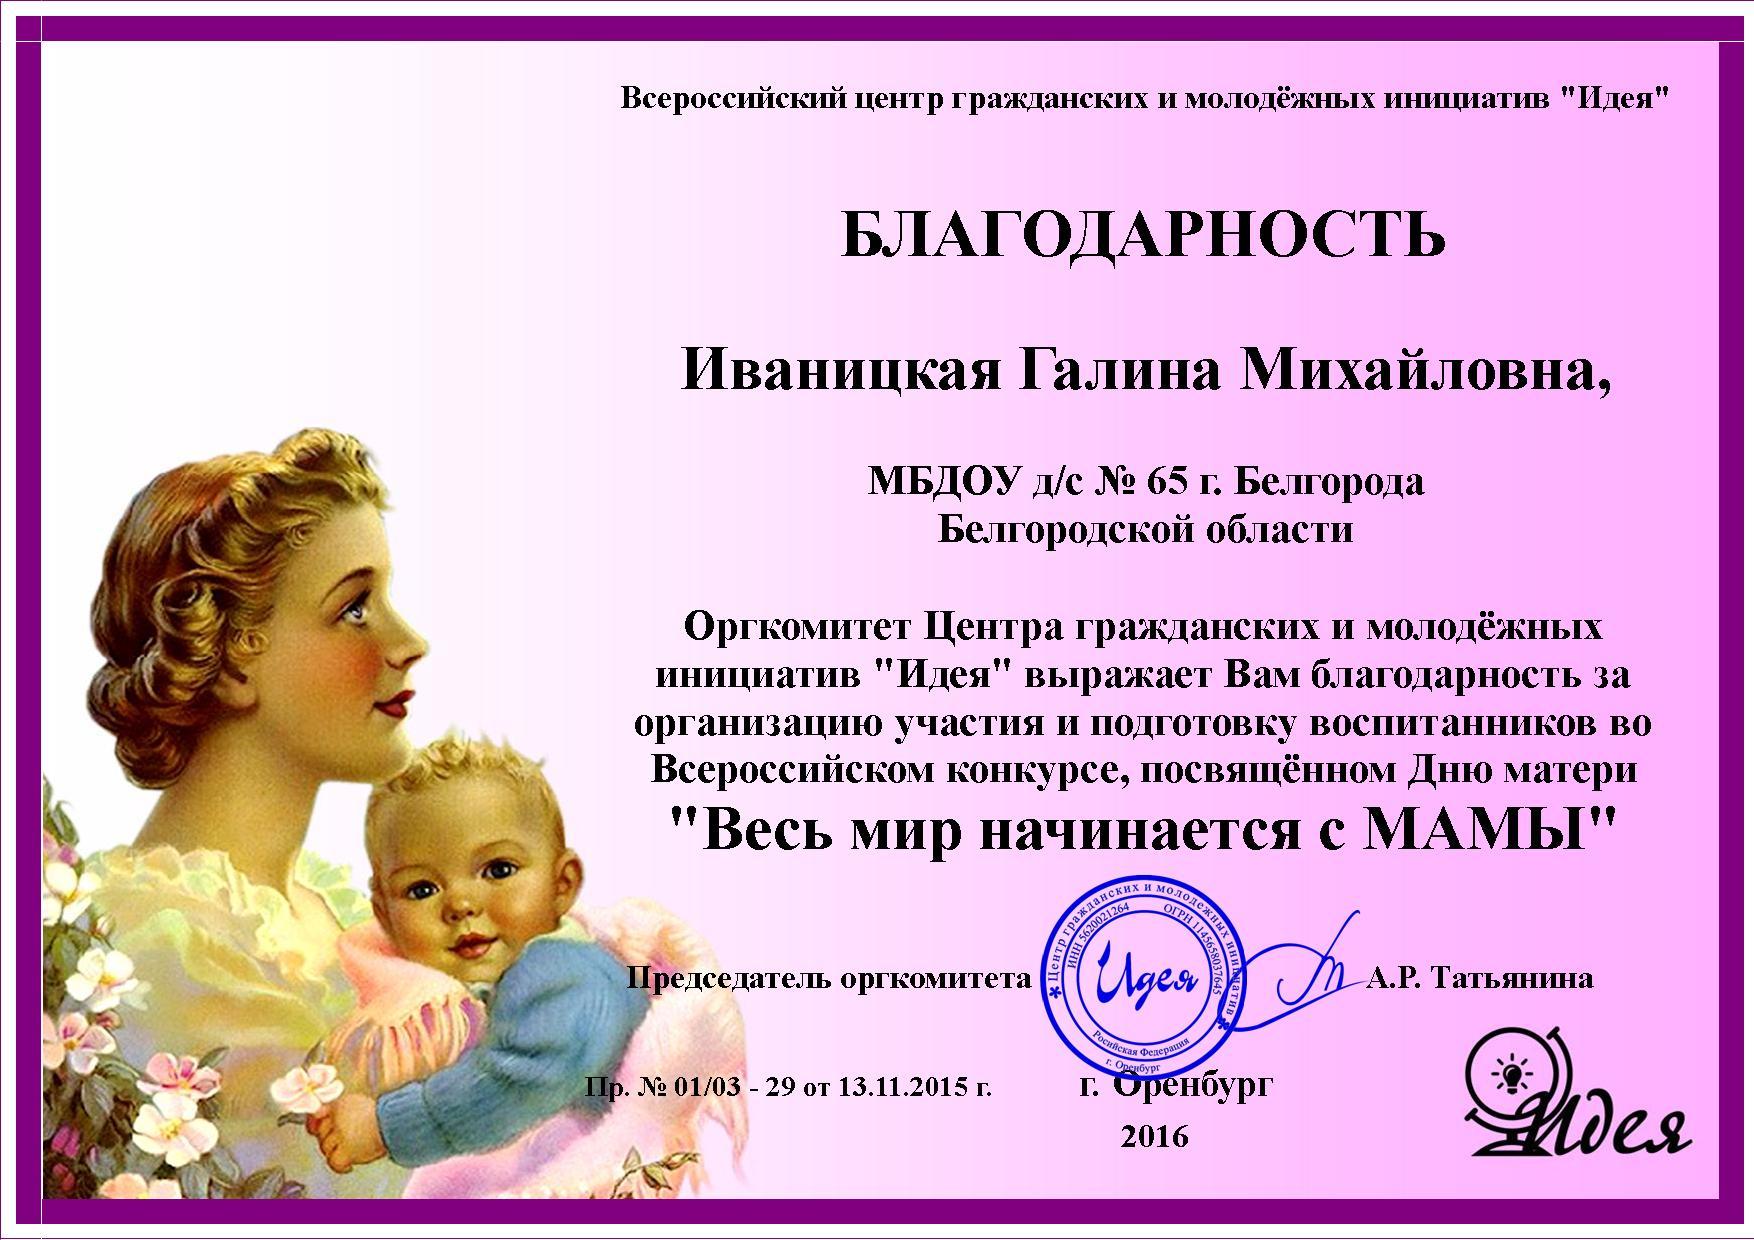 Благодарственное письмо-Иваницкая Галина Михайловна-64577